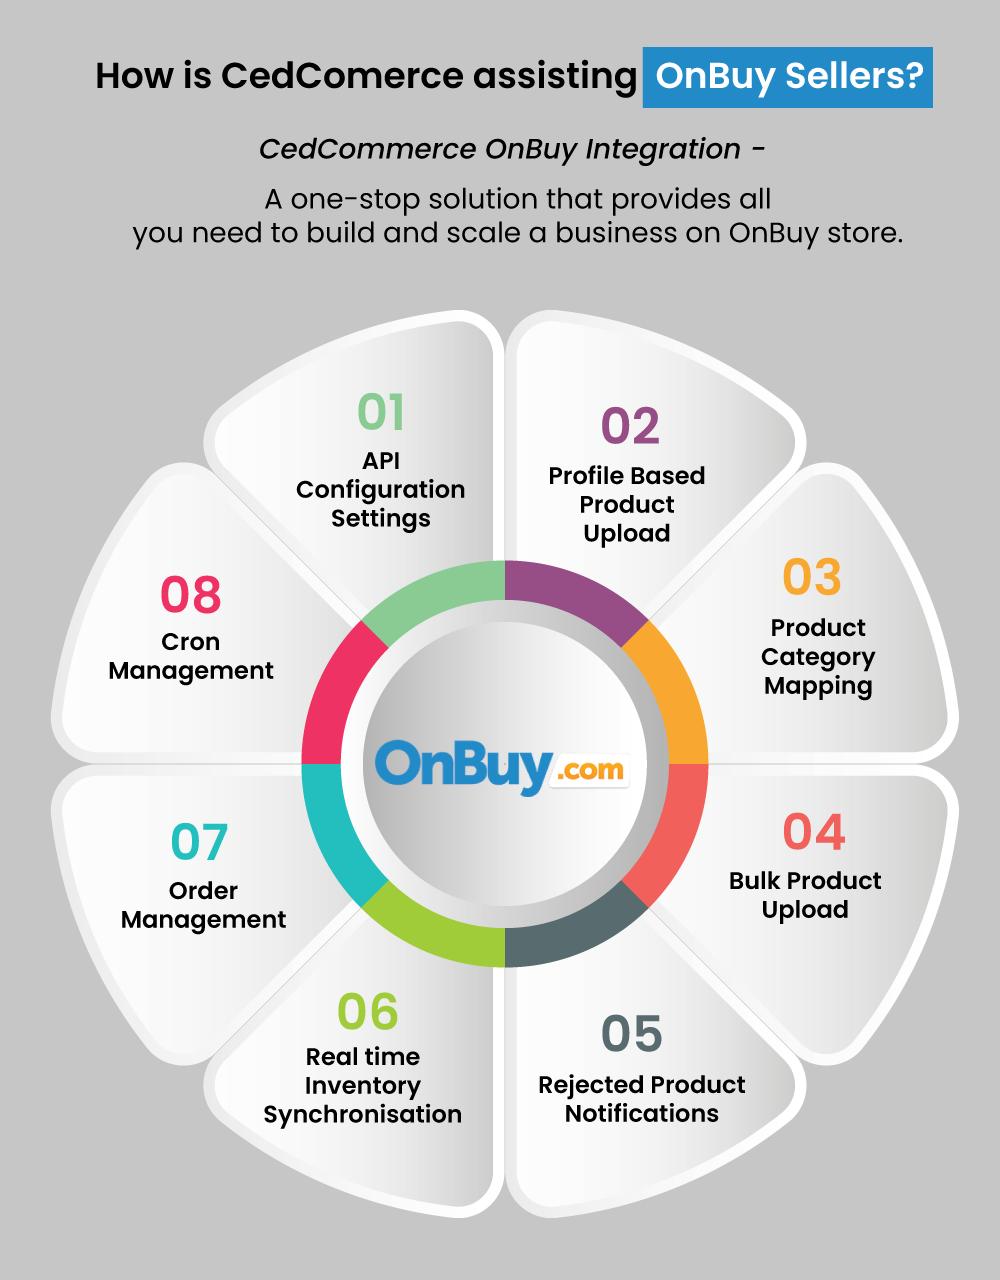 onbuy integration